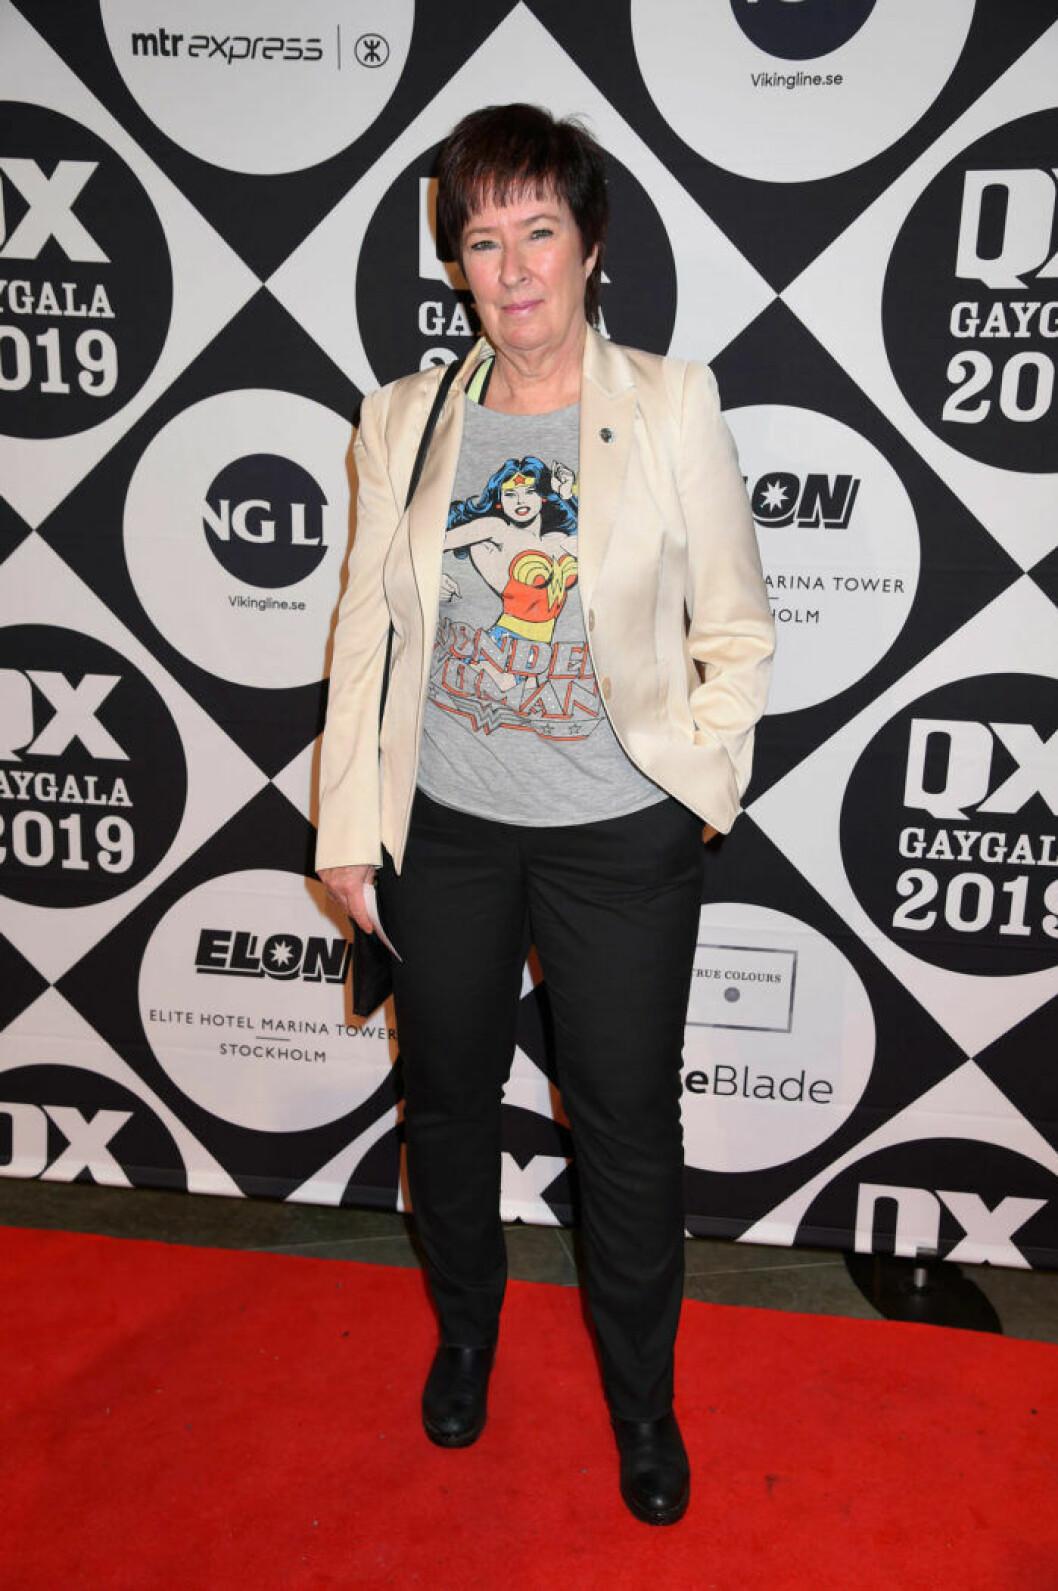 Mona Sahlin på QX-galan 2019